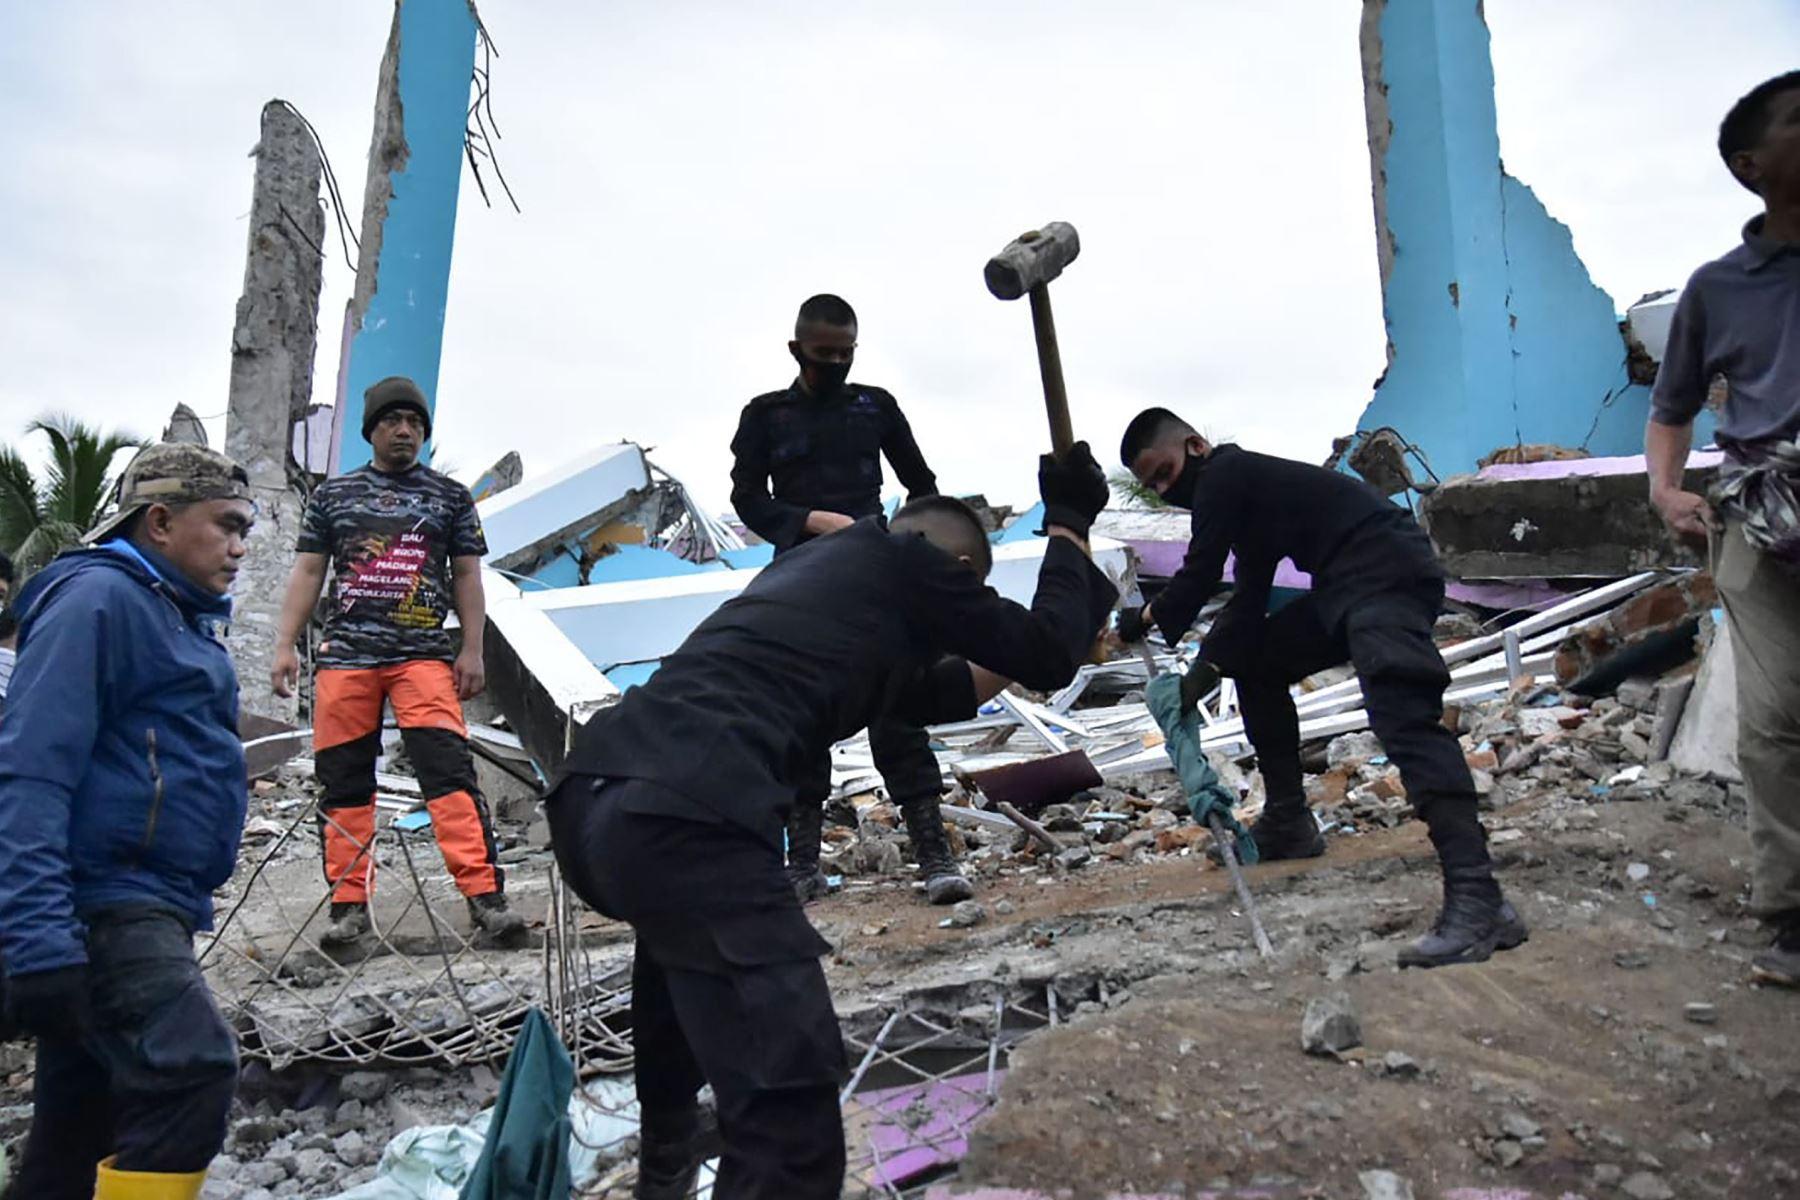 Los equipos de rescate buscan sobrevivientes en el hospital Mitra Manakarra en la ciudad de Mamuju, donde hasta 20 pacientes y personal están atrapados bajo los escombros después de que el hospital se derrumbó cuando un terremoto de magnitud 6.2 sacudió la isla de Sulawesi en Indonesia. Foto: AFP